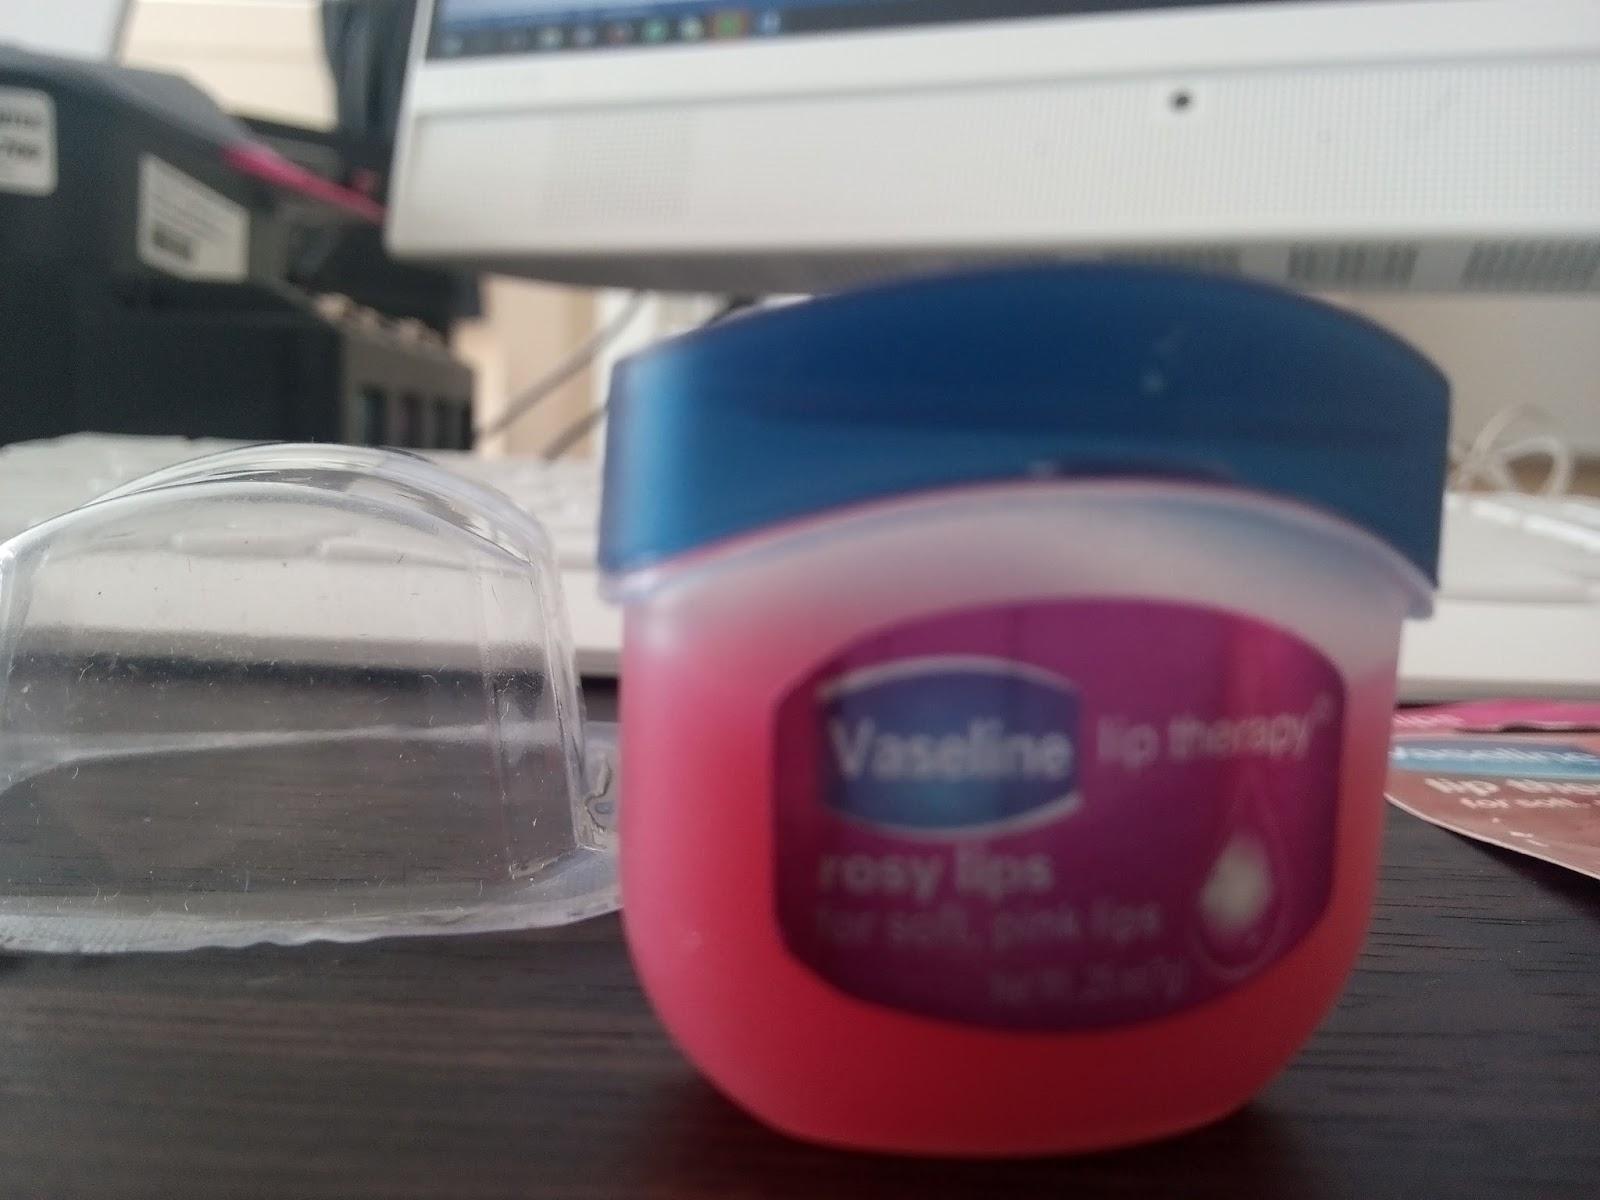 Vaseline Lip Therapy Original 7 Gram Spec Dan Daftar Harga Terbaru Mini Rasa Plain Sebelumnya Saya Menggunkan Balm Merk Lokal Kado Nikah Yang Wangiiiiiiiiiiiiiiiiiiiiiiiiiiiiiiiiiiiiii Banget Tapi Tidak Bisa